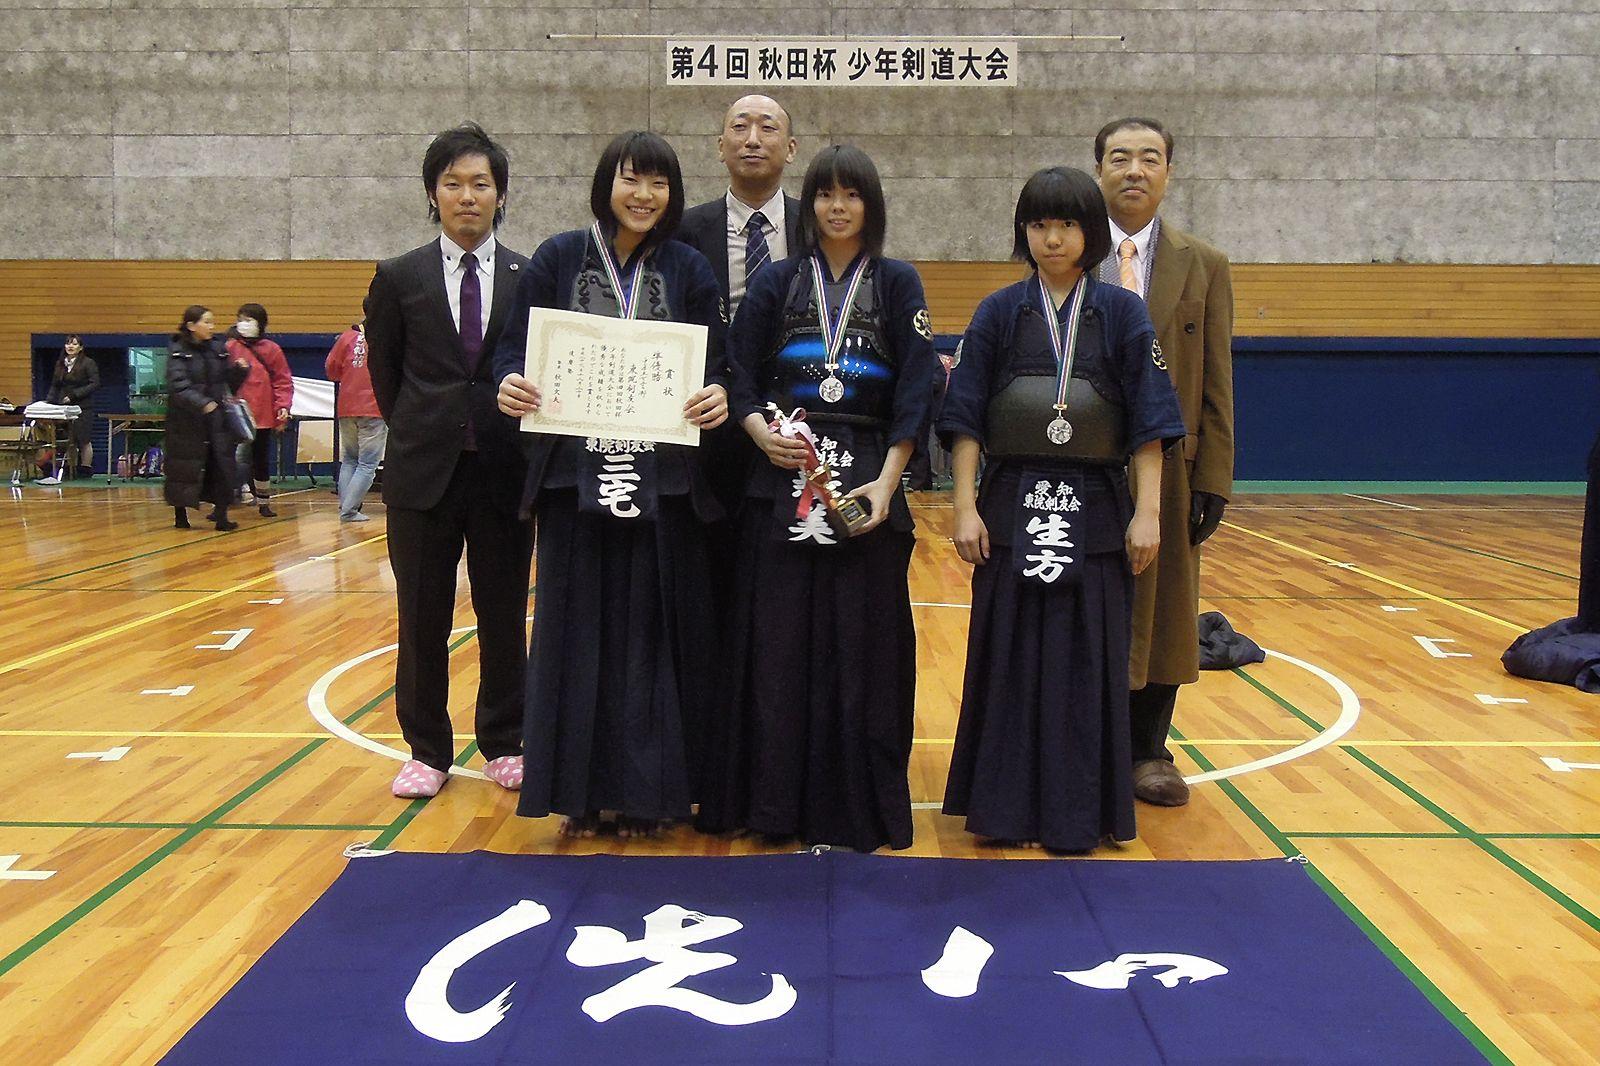 第4回秋田杯少年剣道大会 中学生女子の部 準優勝 東院剣友会